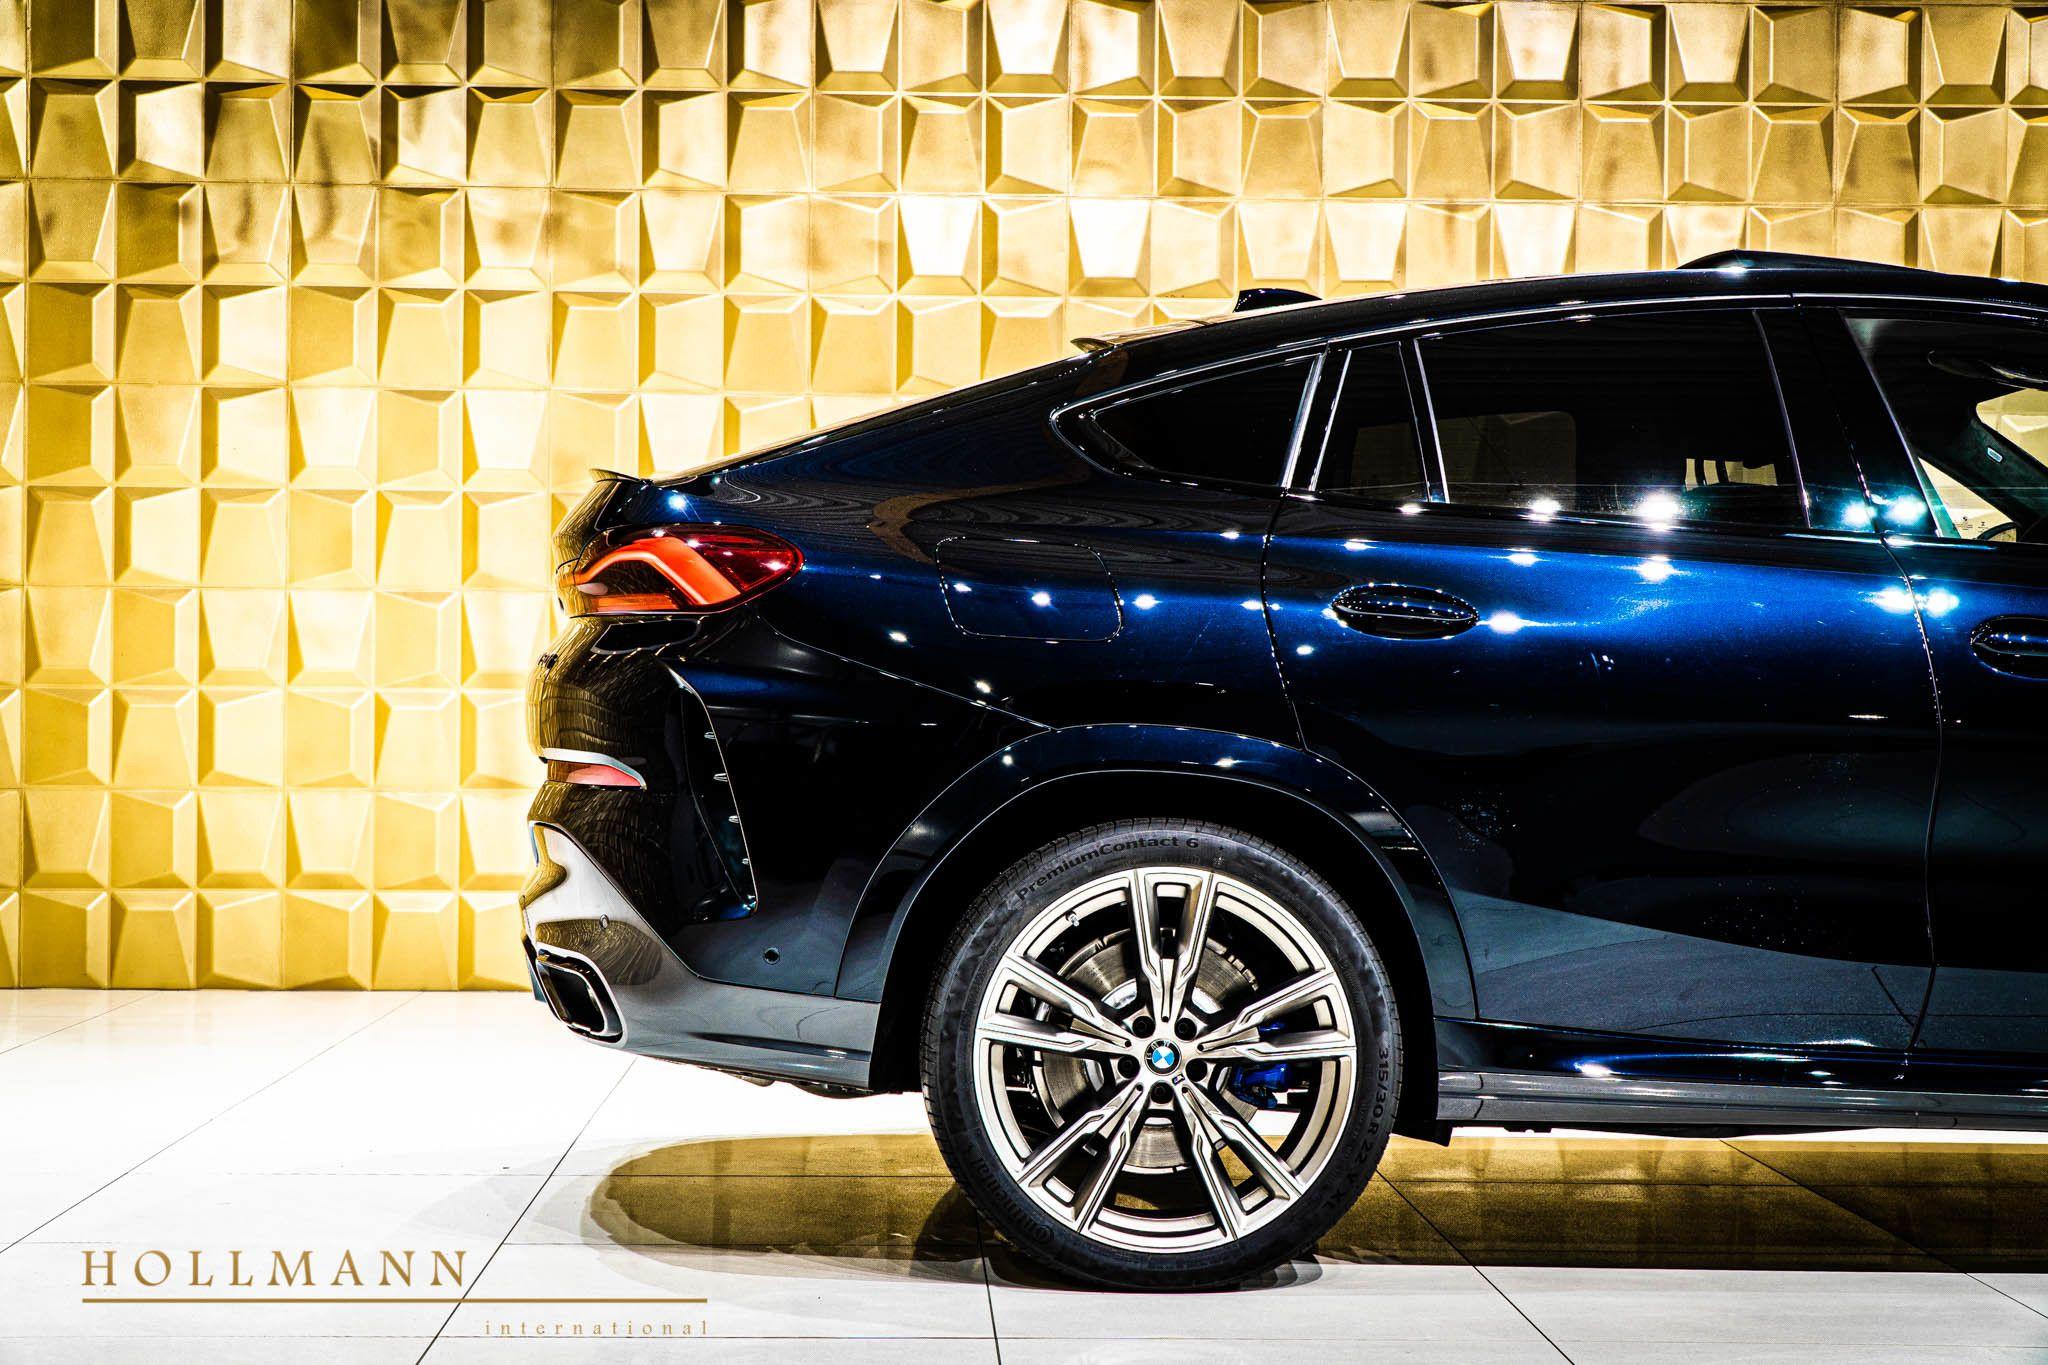 Bmw X6 Bmw X6 Bmw Luxury Suv